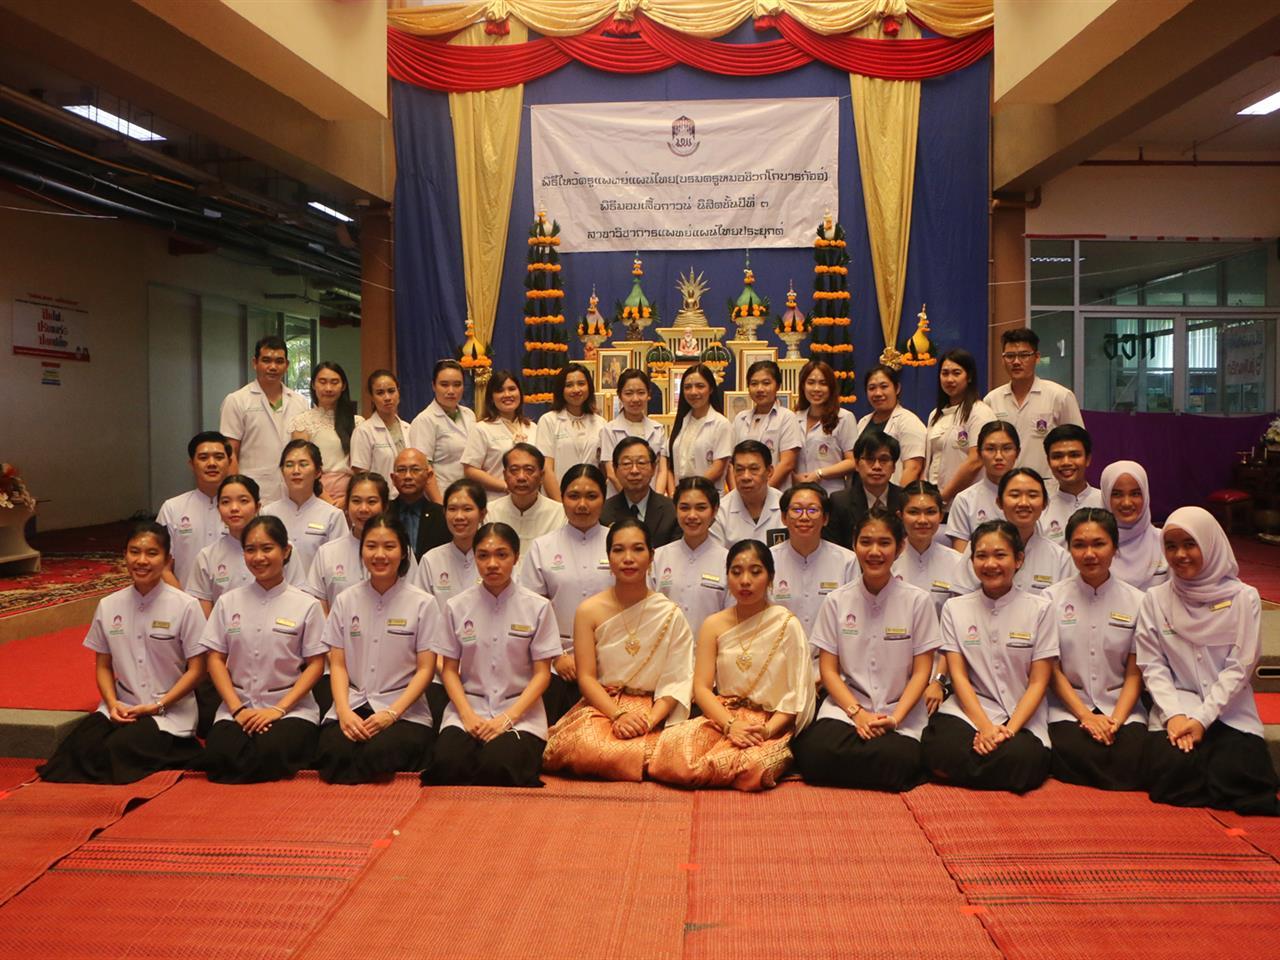 สาขาวิชาการแพทย์แผนไทยประยุกต์ คณะแพทยศาสตร์ มหาวิทยาลัยพะเยา ได้ดำเนินการจัดโครงการไหว้ครูแพทย์แผนไทย